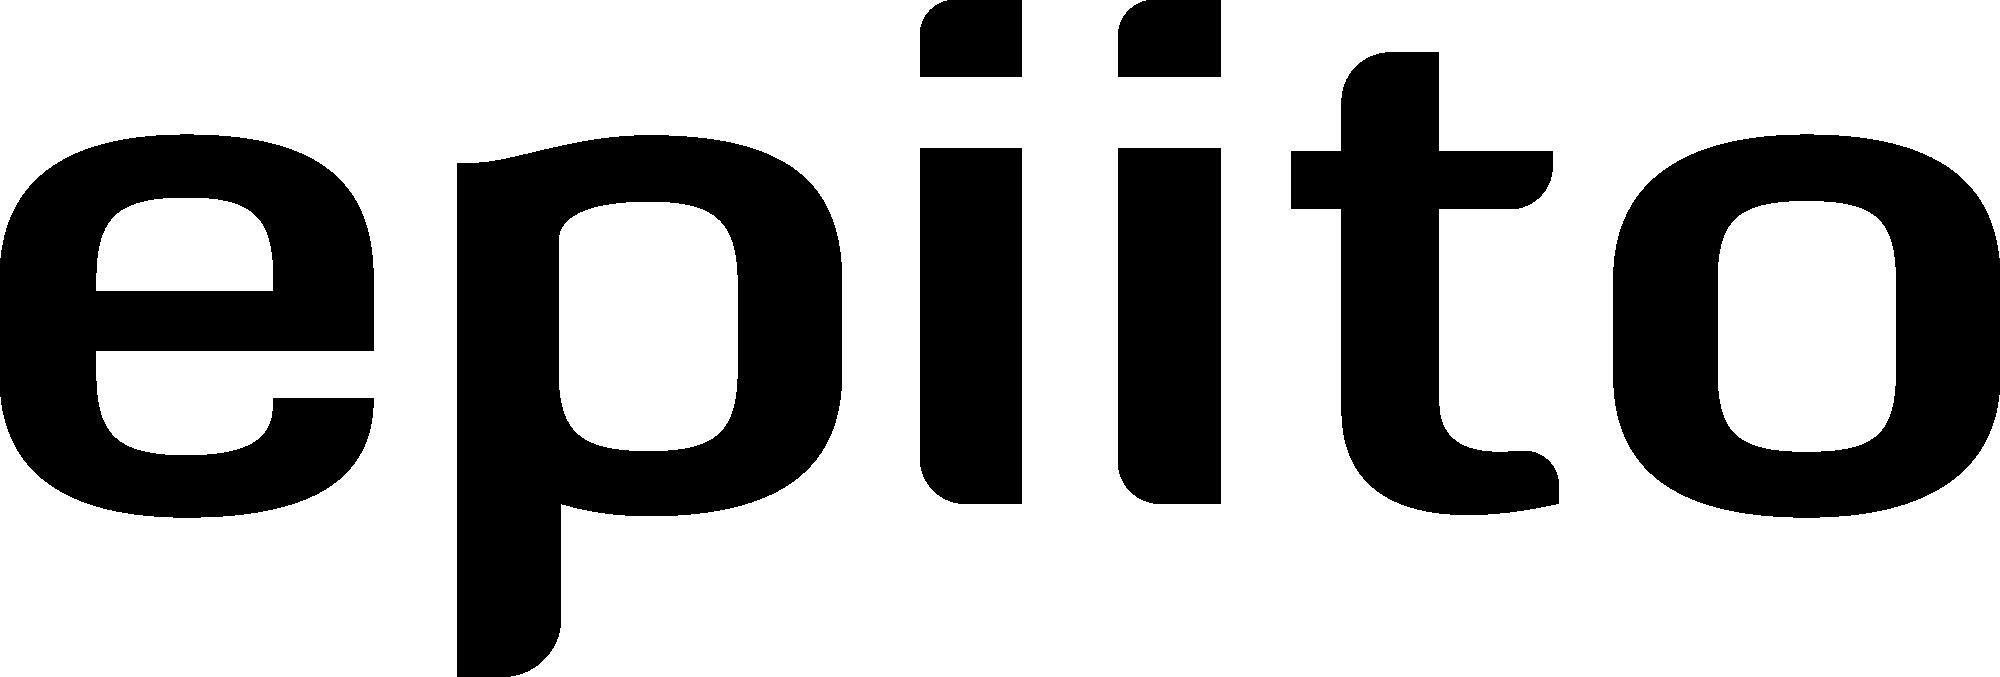 Epiito